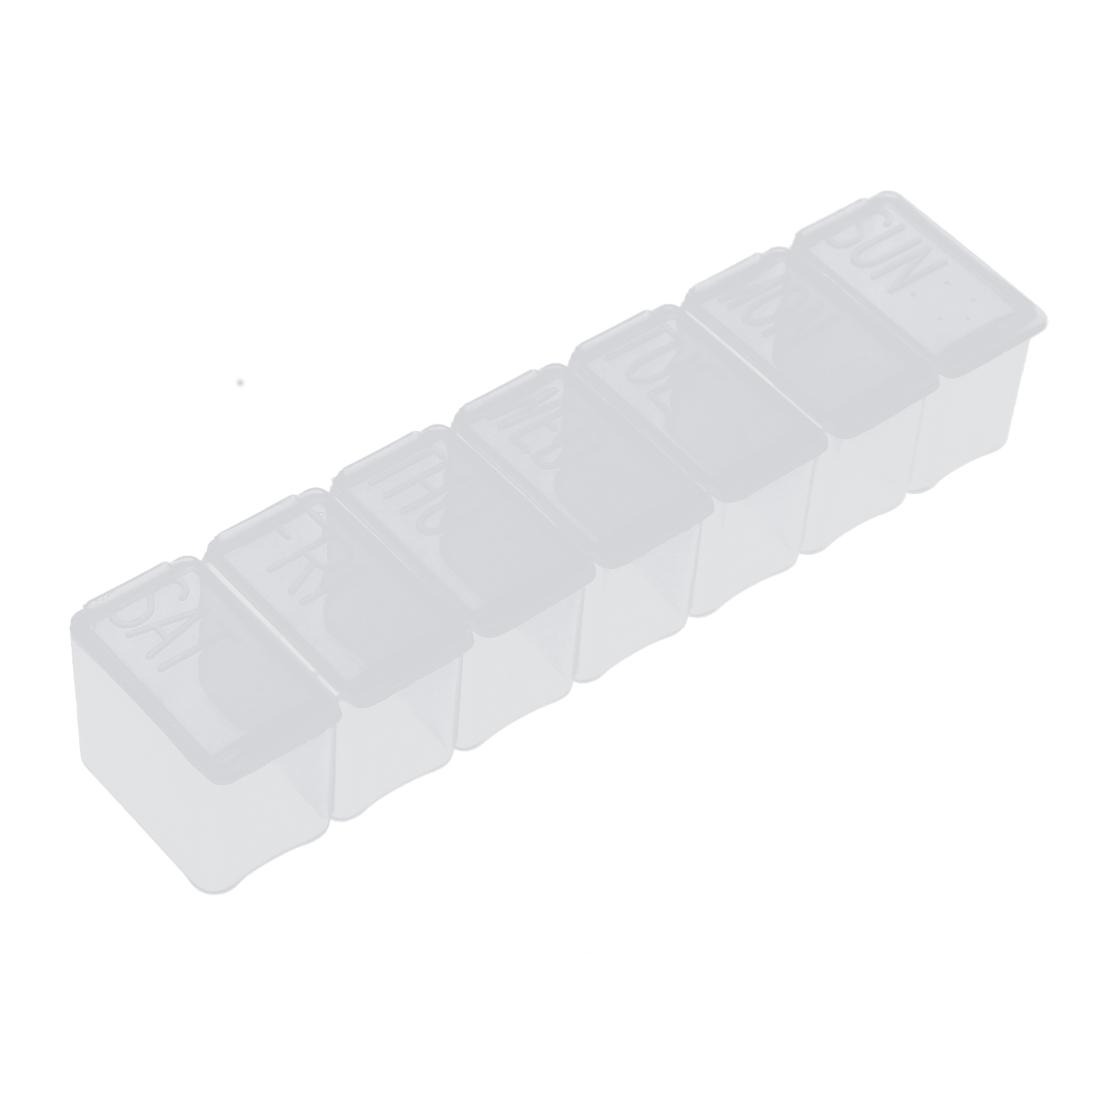 Pill Tablet Medicine 7 Days Weekly Dispenser Organizer Storage Case Box Holder